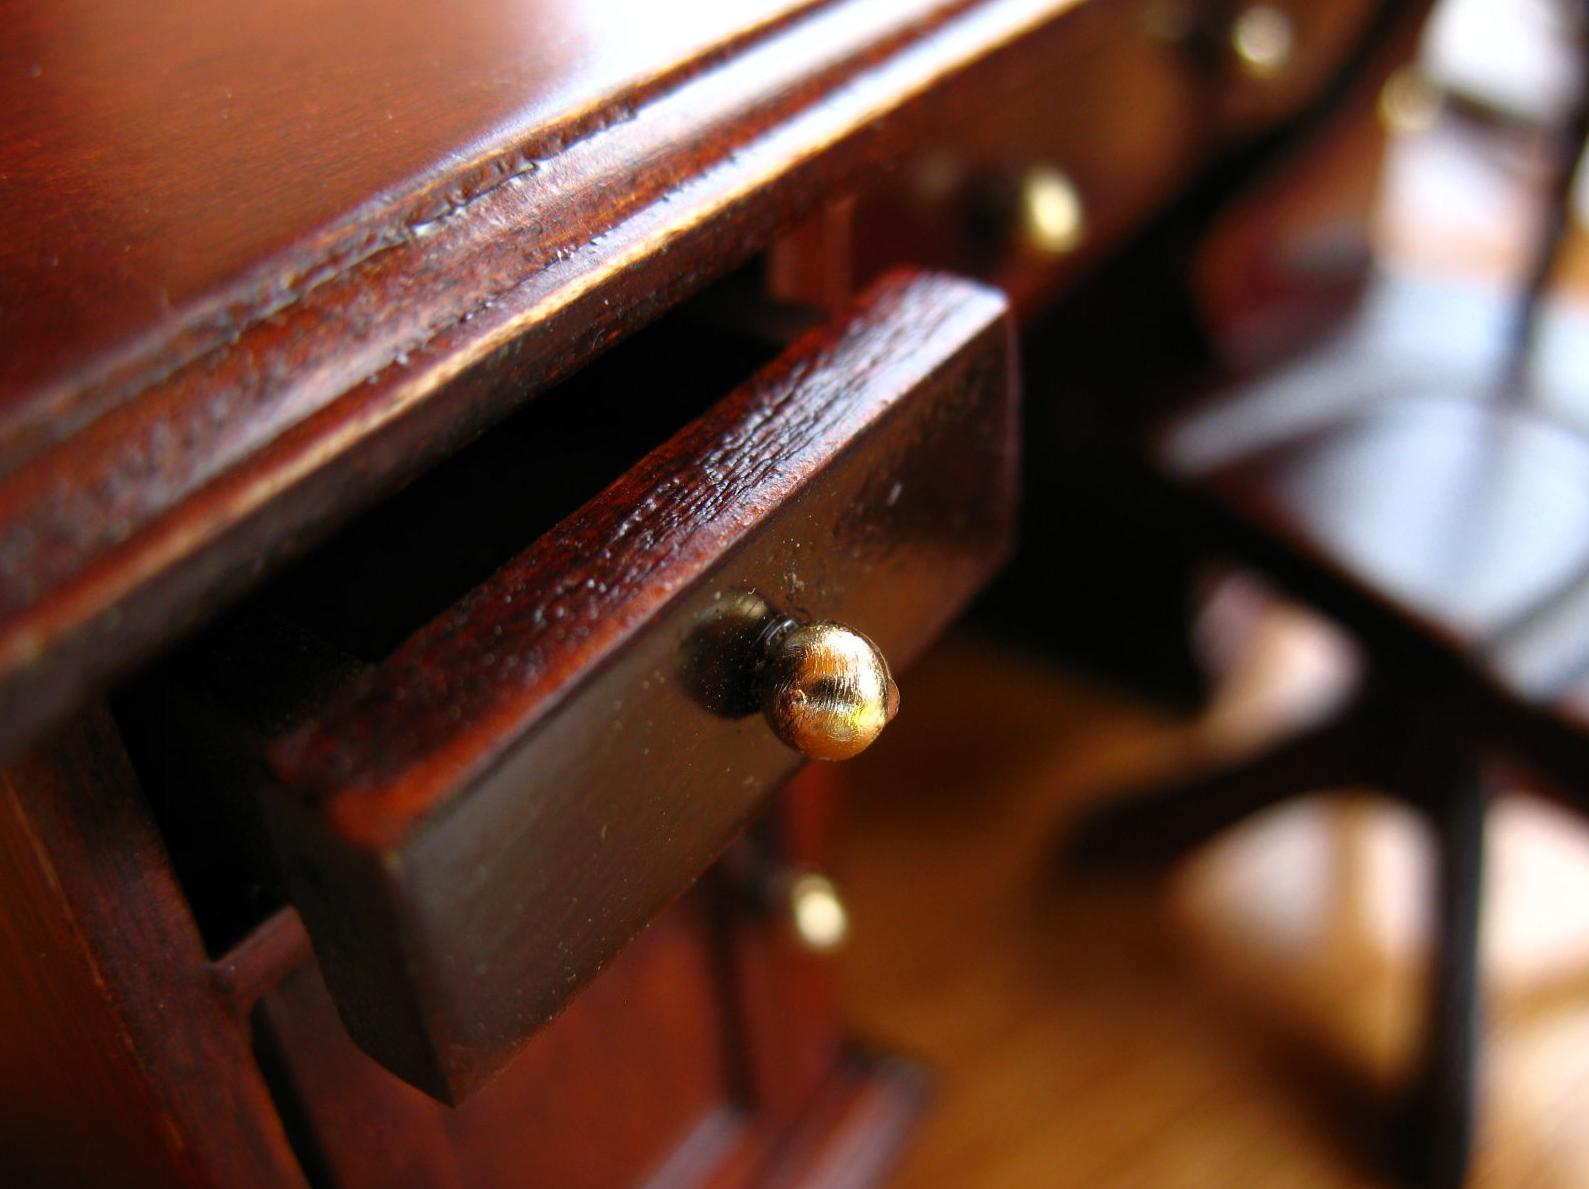 Muebles En Colmenar Viejo Amazing Muebles En Colmenar Viejo  # Pibago Muebles Y Cortinas